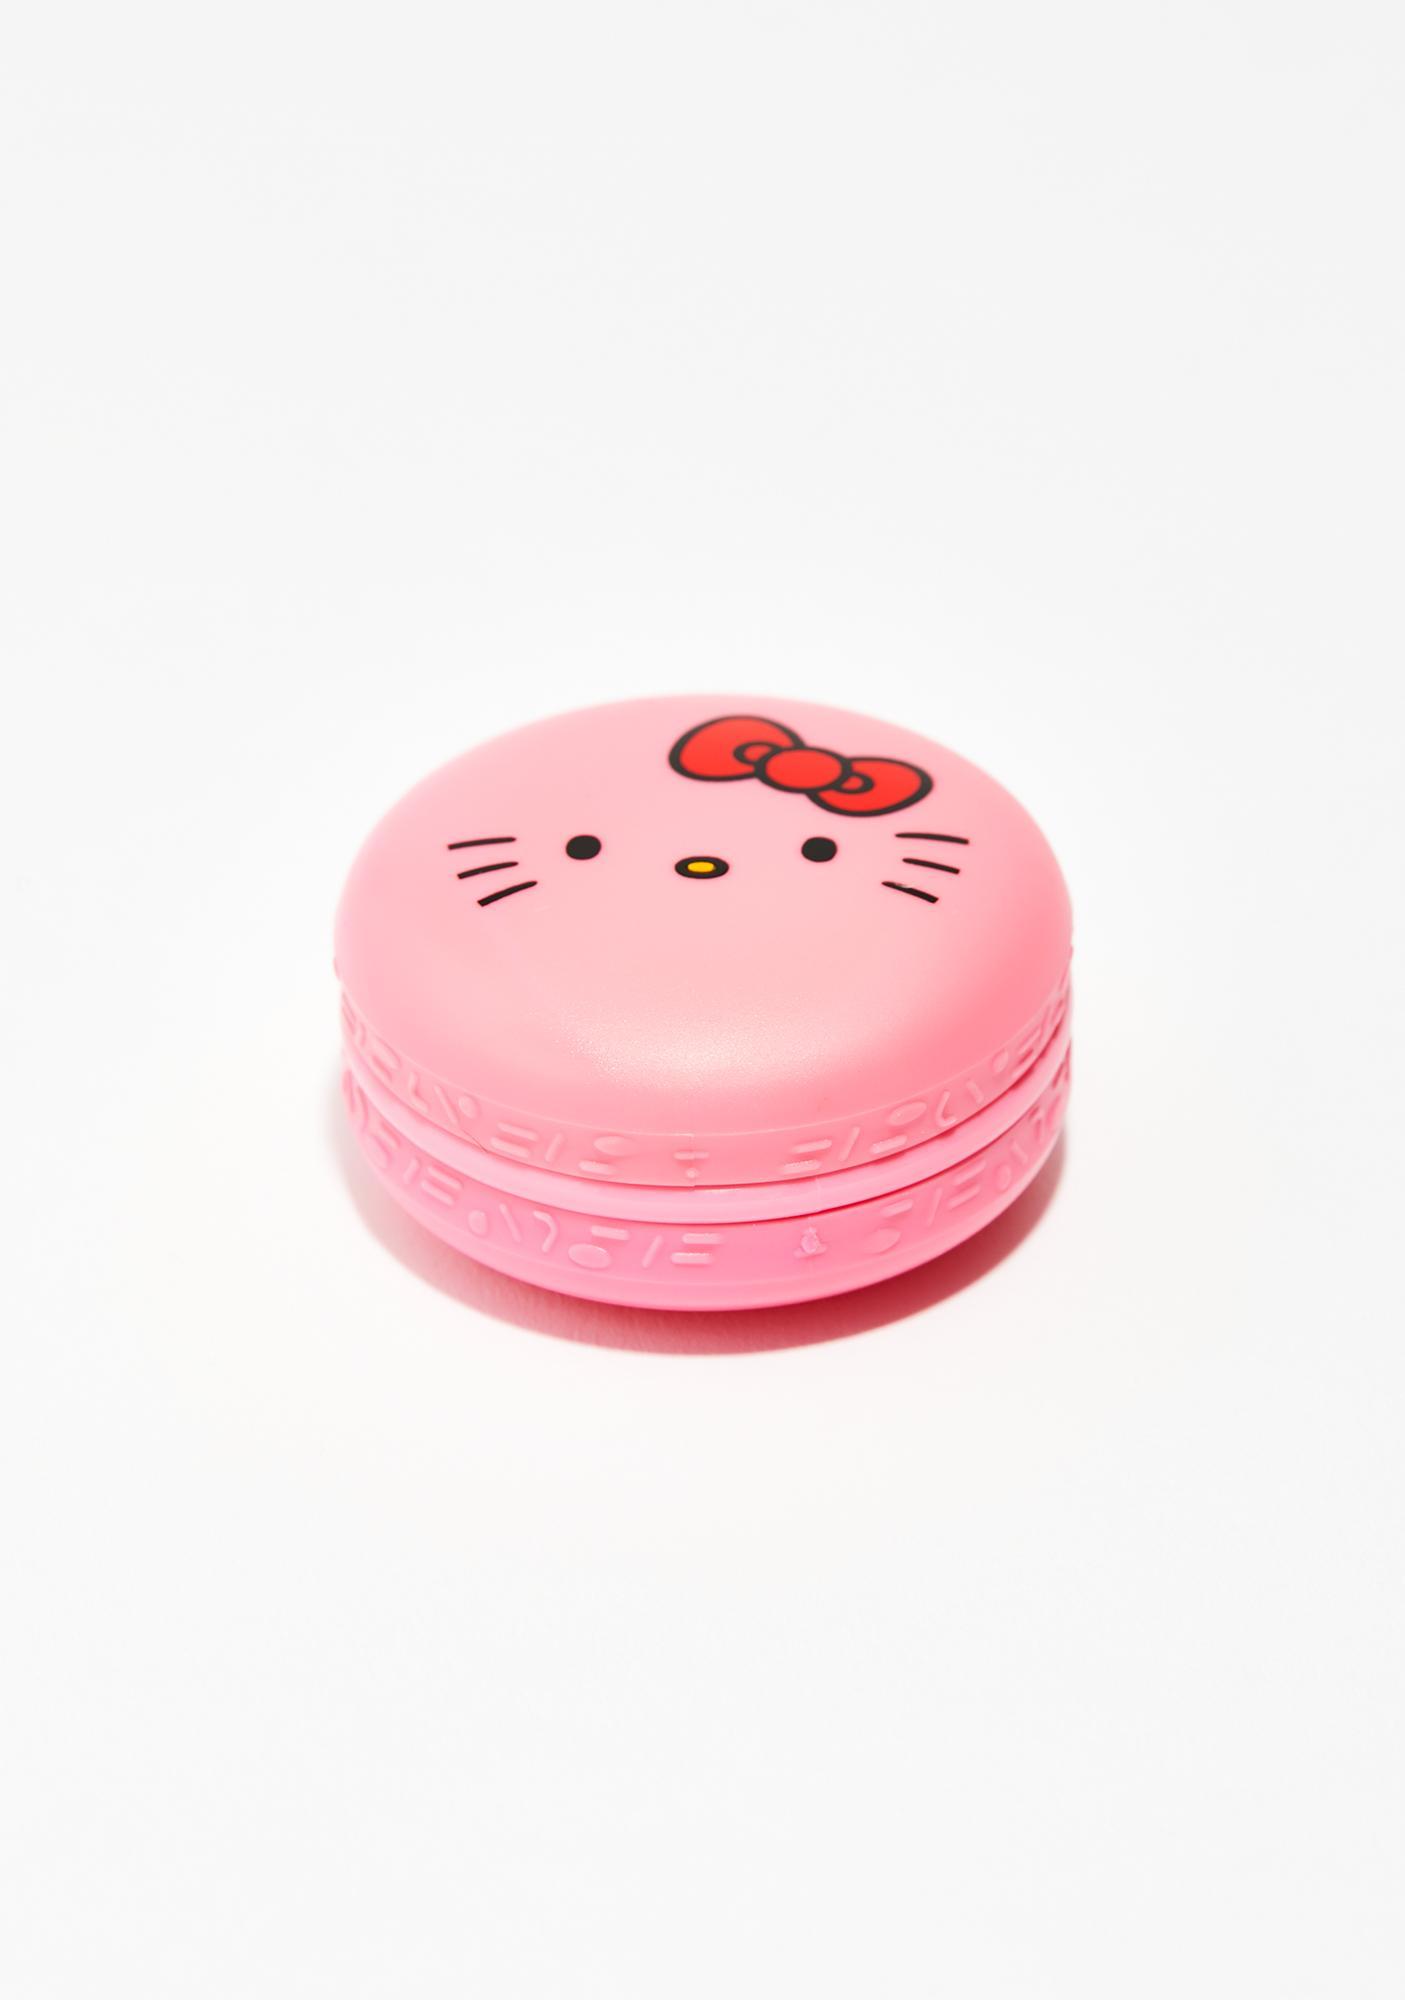 The Crème Shop Hello Kitty Cake Macaron Lip Balm